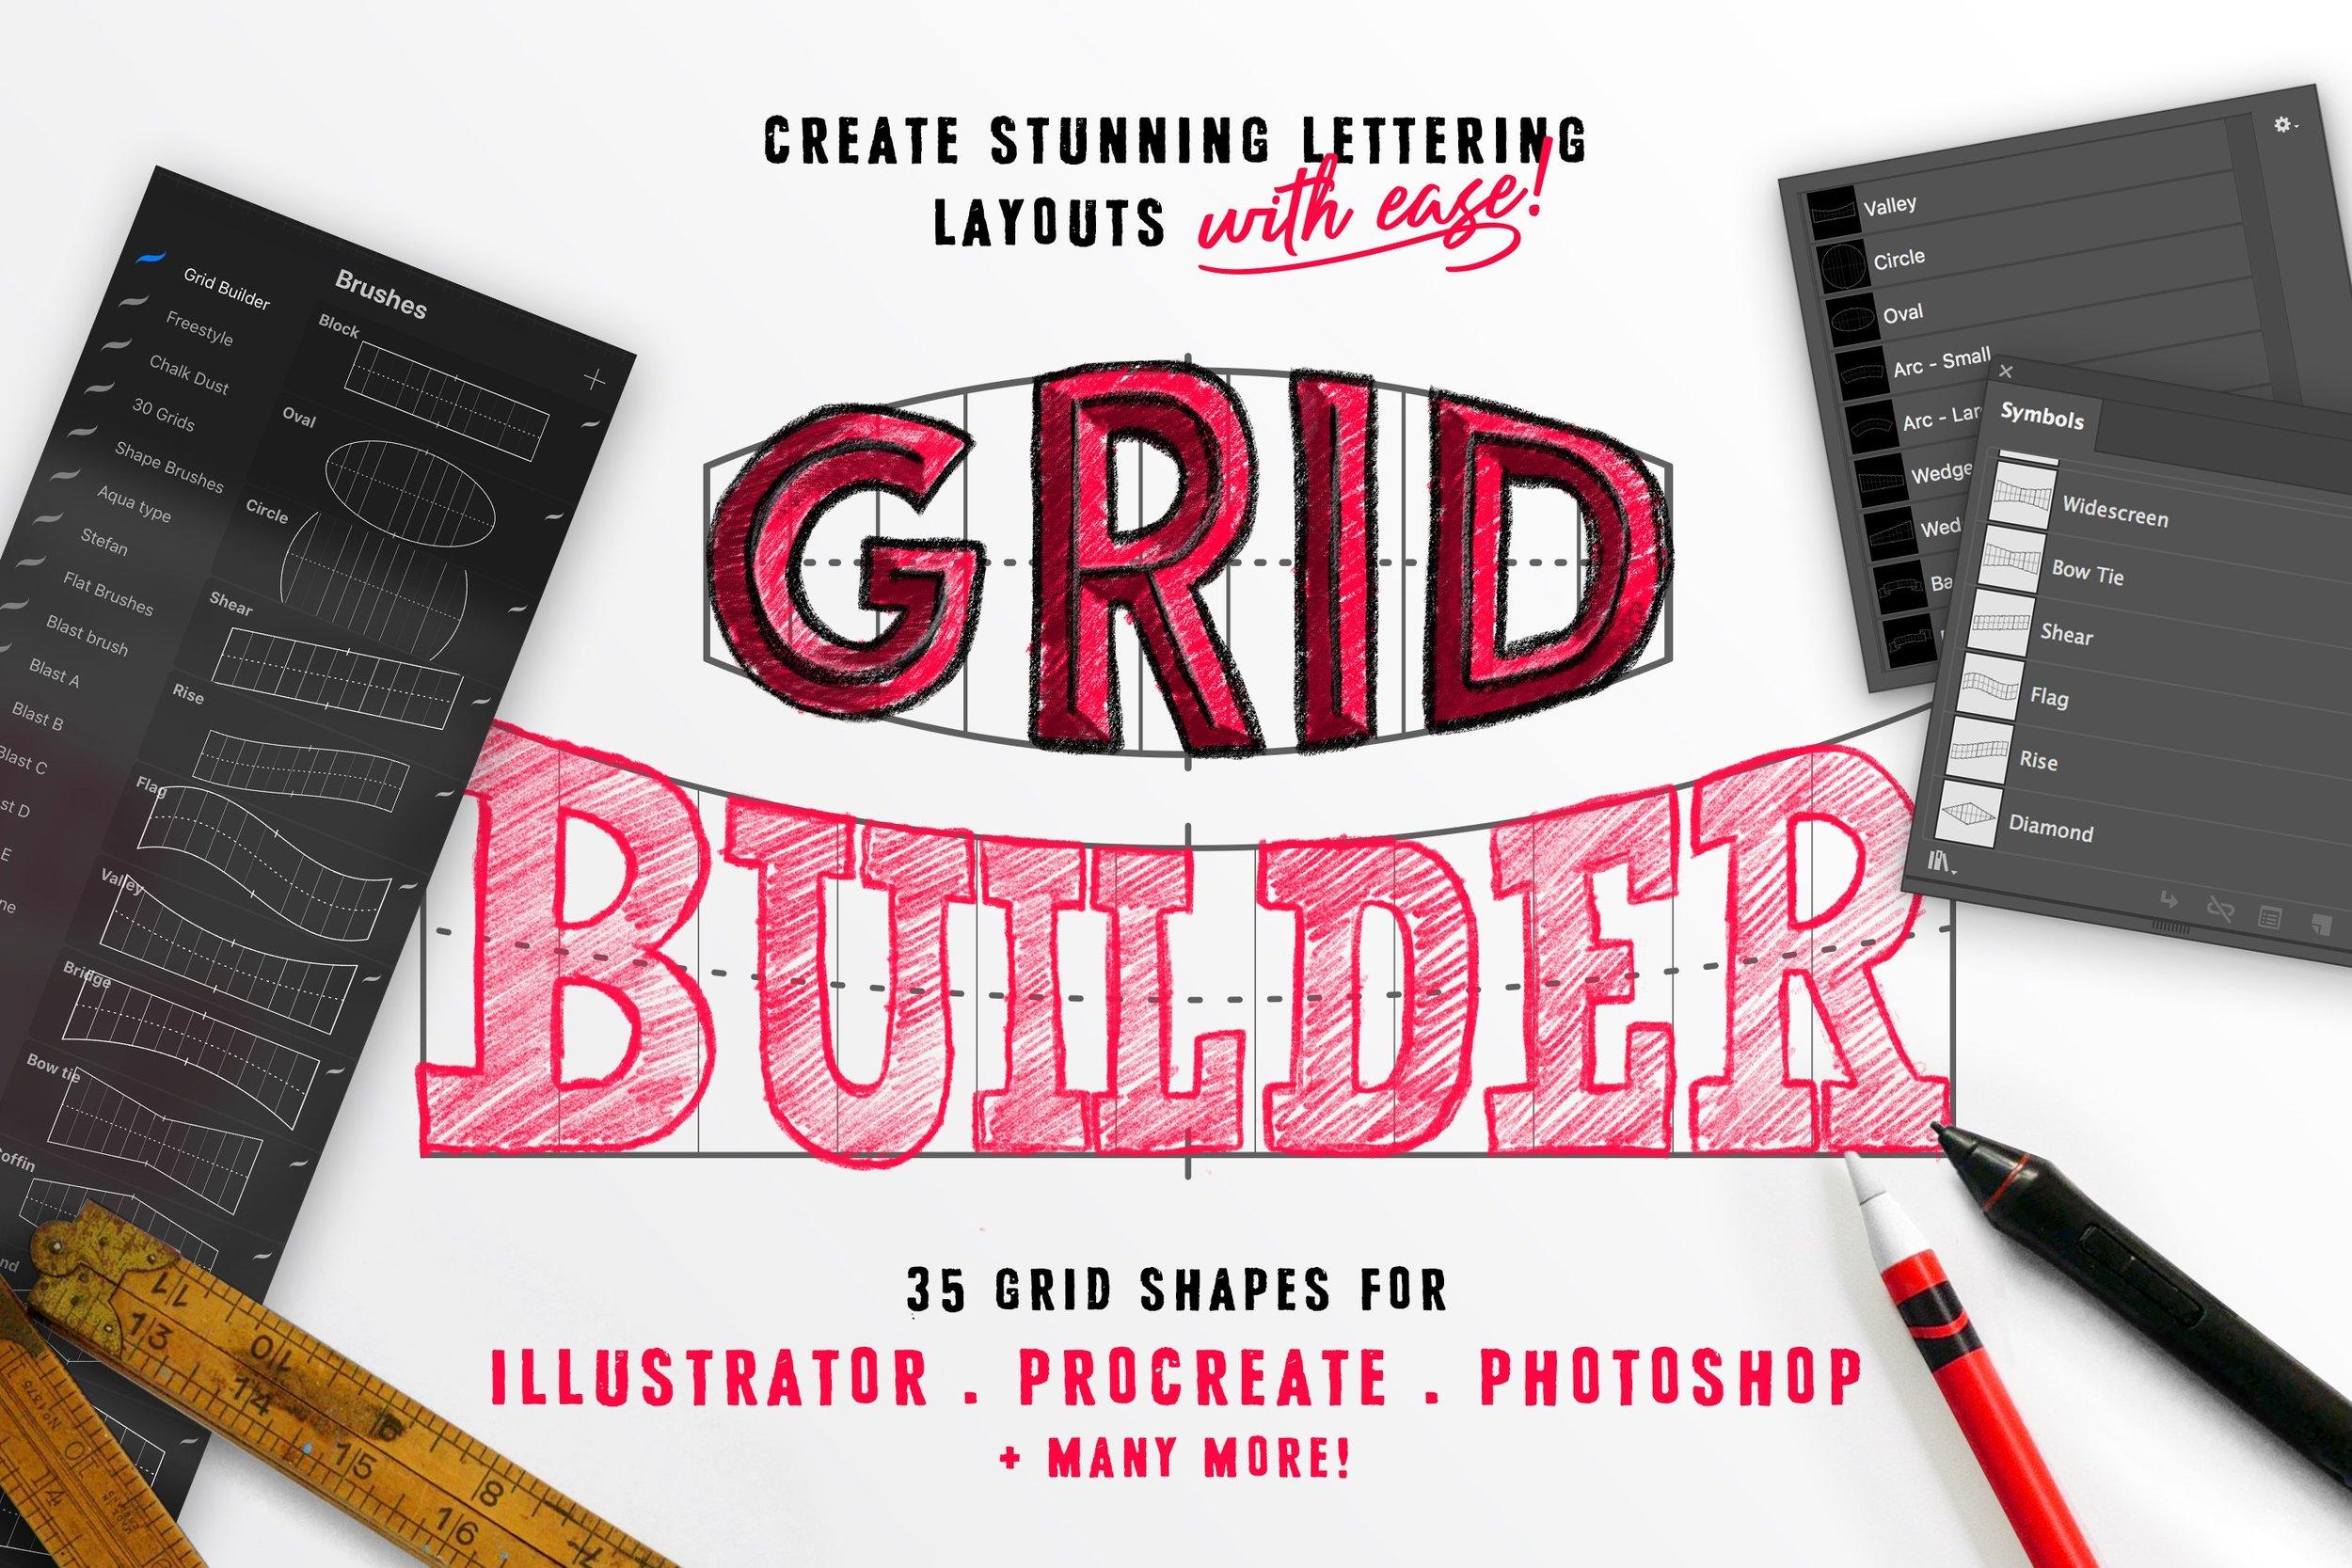 GRID BUILDER.jpg